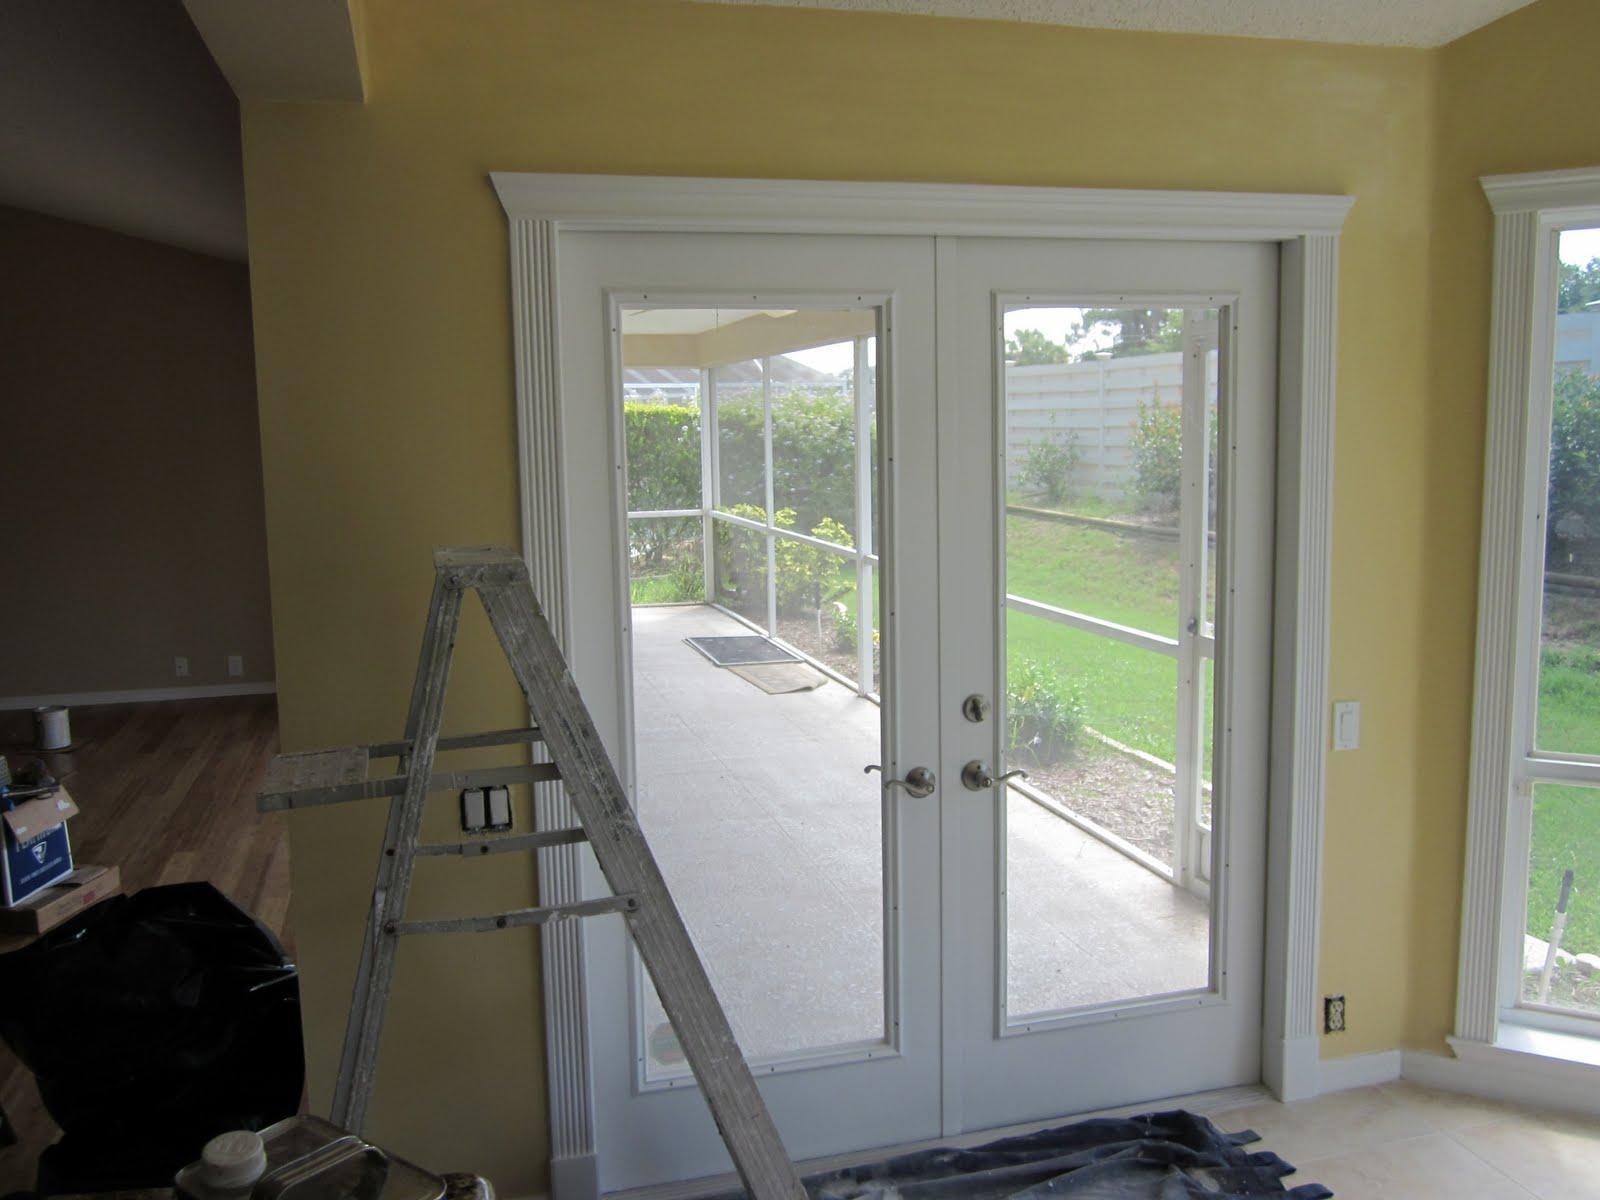 Sliding Glass Door Mouldingsliding glass door interior molding 3 photos 1bestdoor